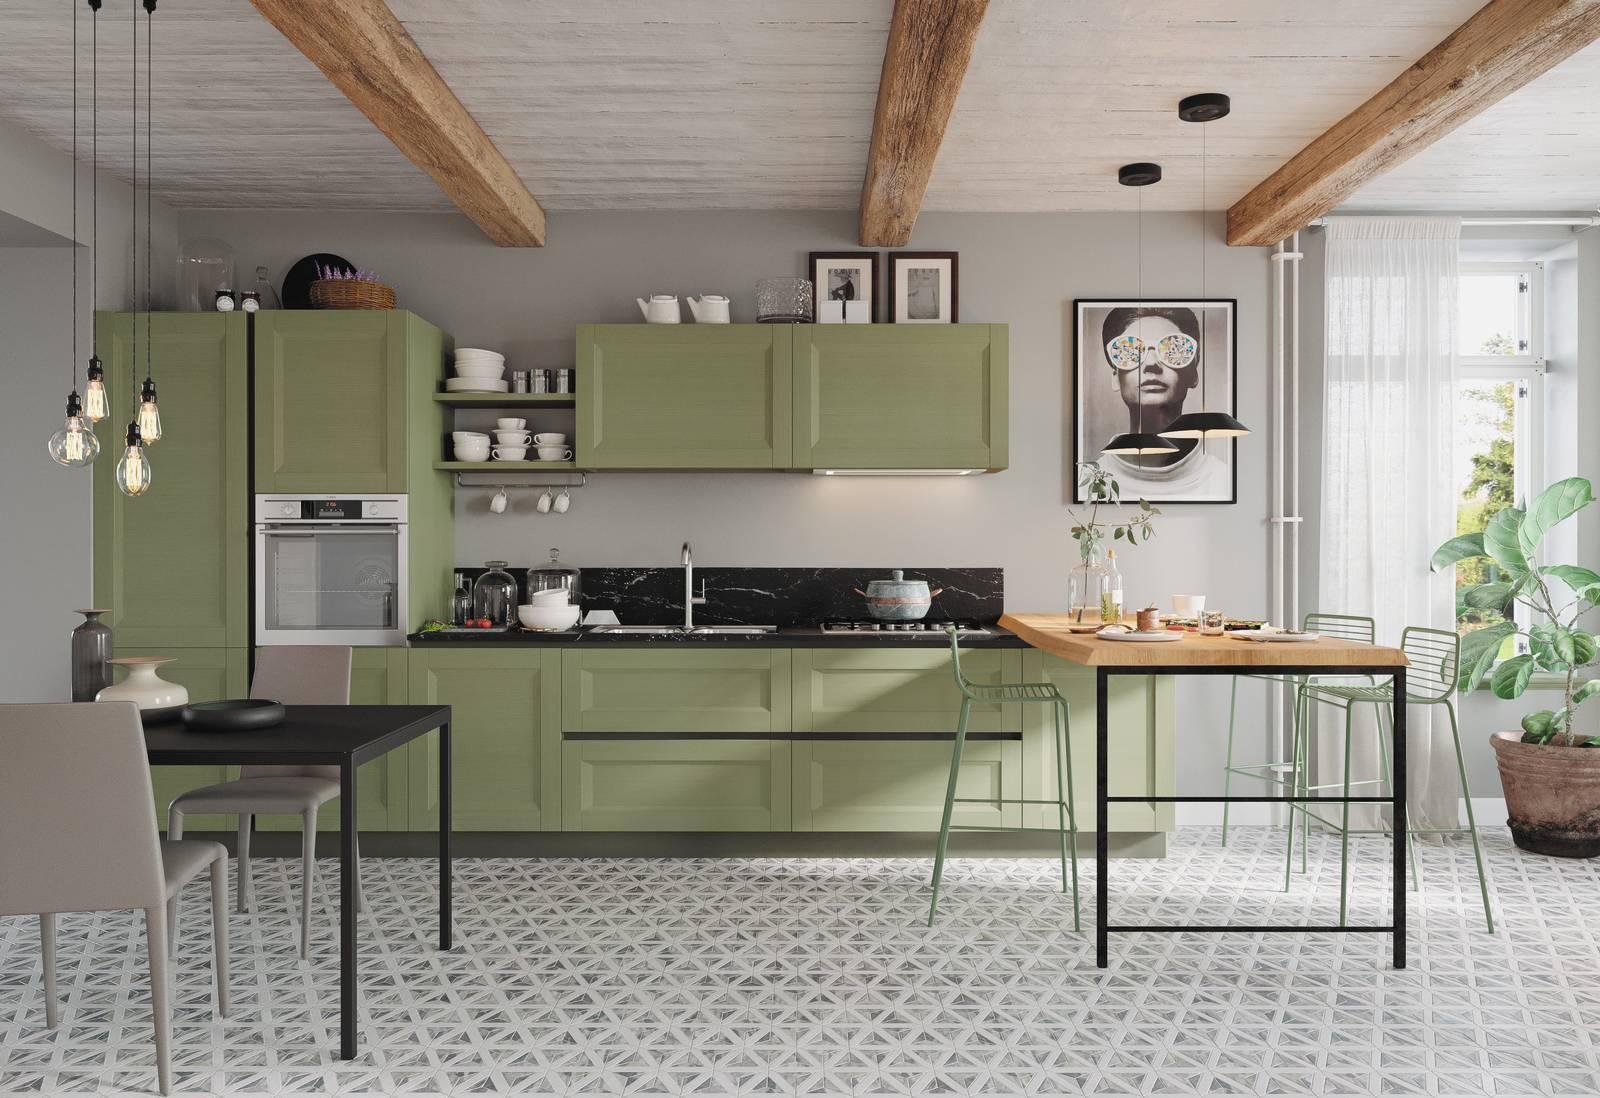 Cucine con ante riquadrate: il rétro attuale Cose di Casa